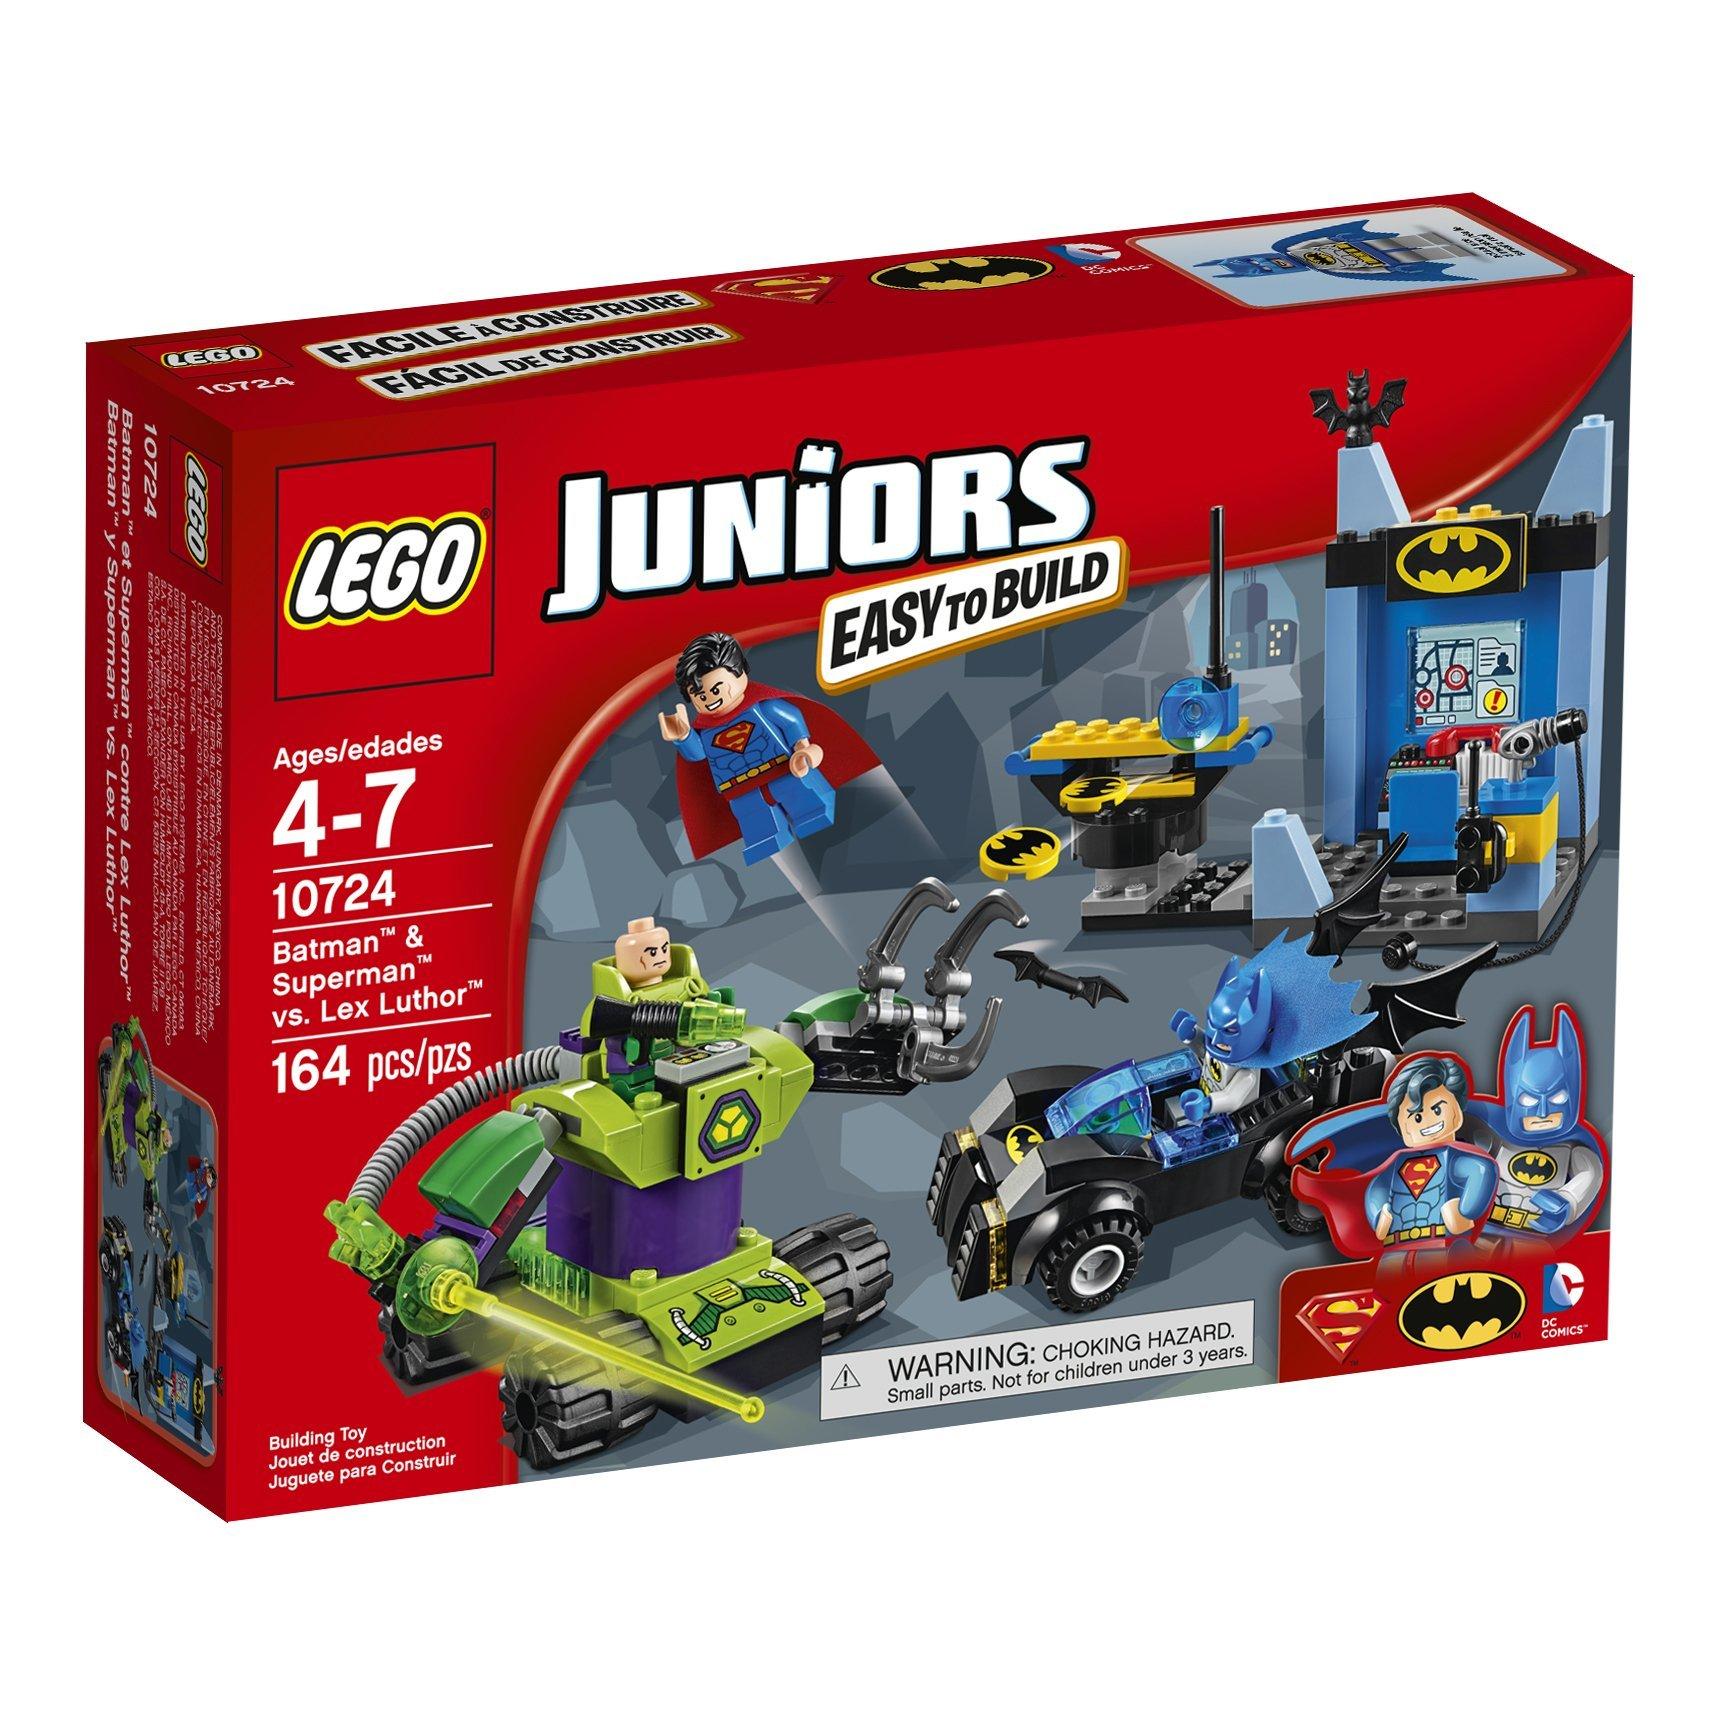 Lego Juniors 10724 Batman & Superman Vs Lex Luthor Building Kit (164 Piece) 1